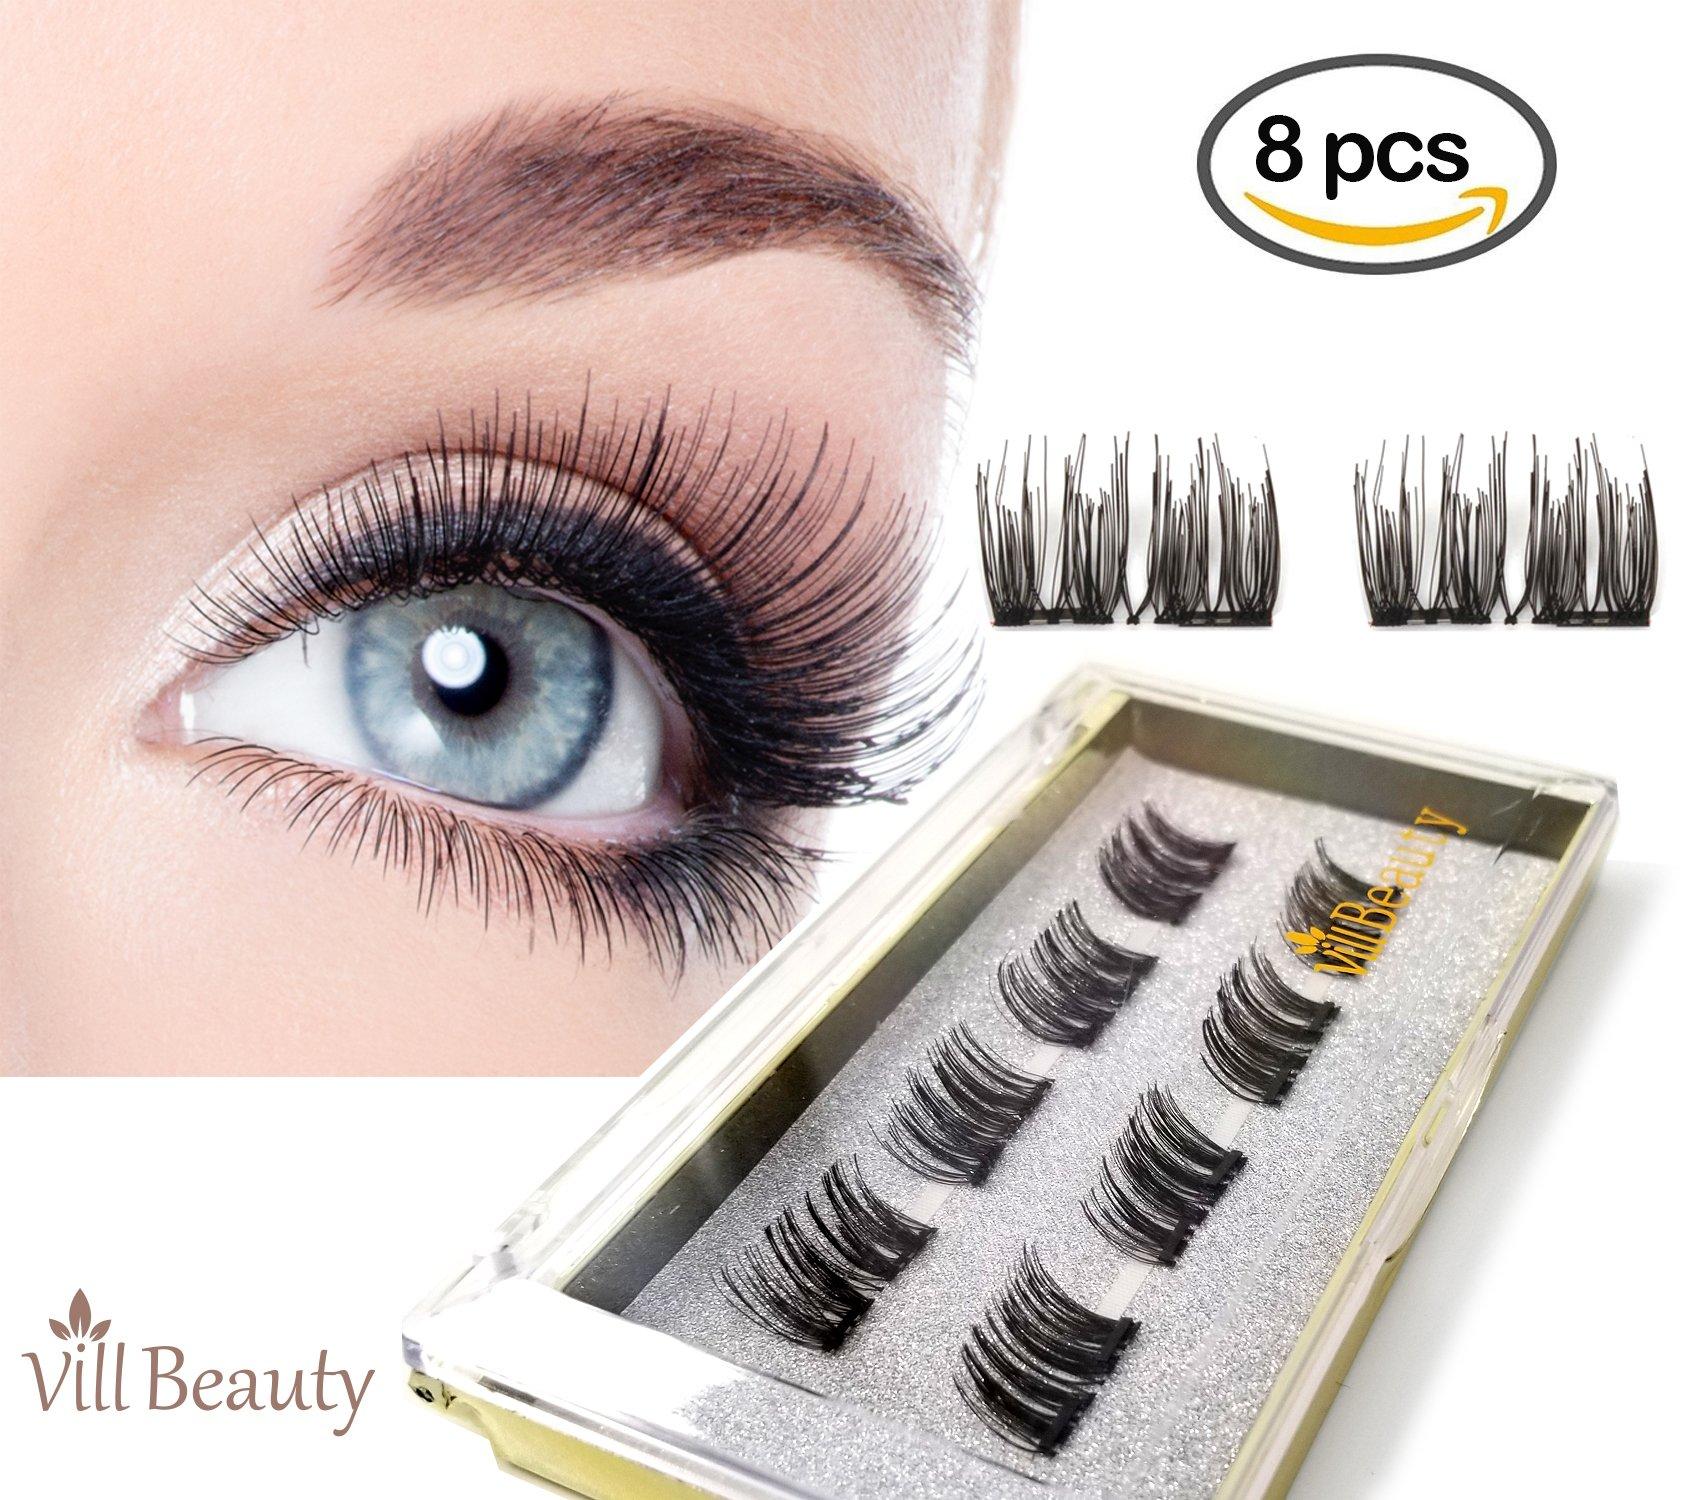 bed32167e42 Get Quotations · [Upgraded] Dual Magnetic False Eyelashes|False Eyelashes, Ultra  Thin, Natural Look